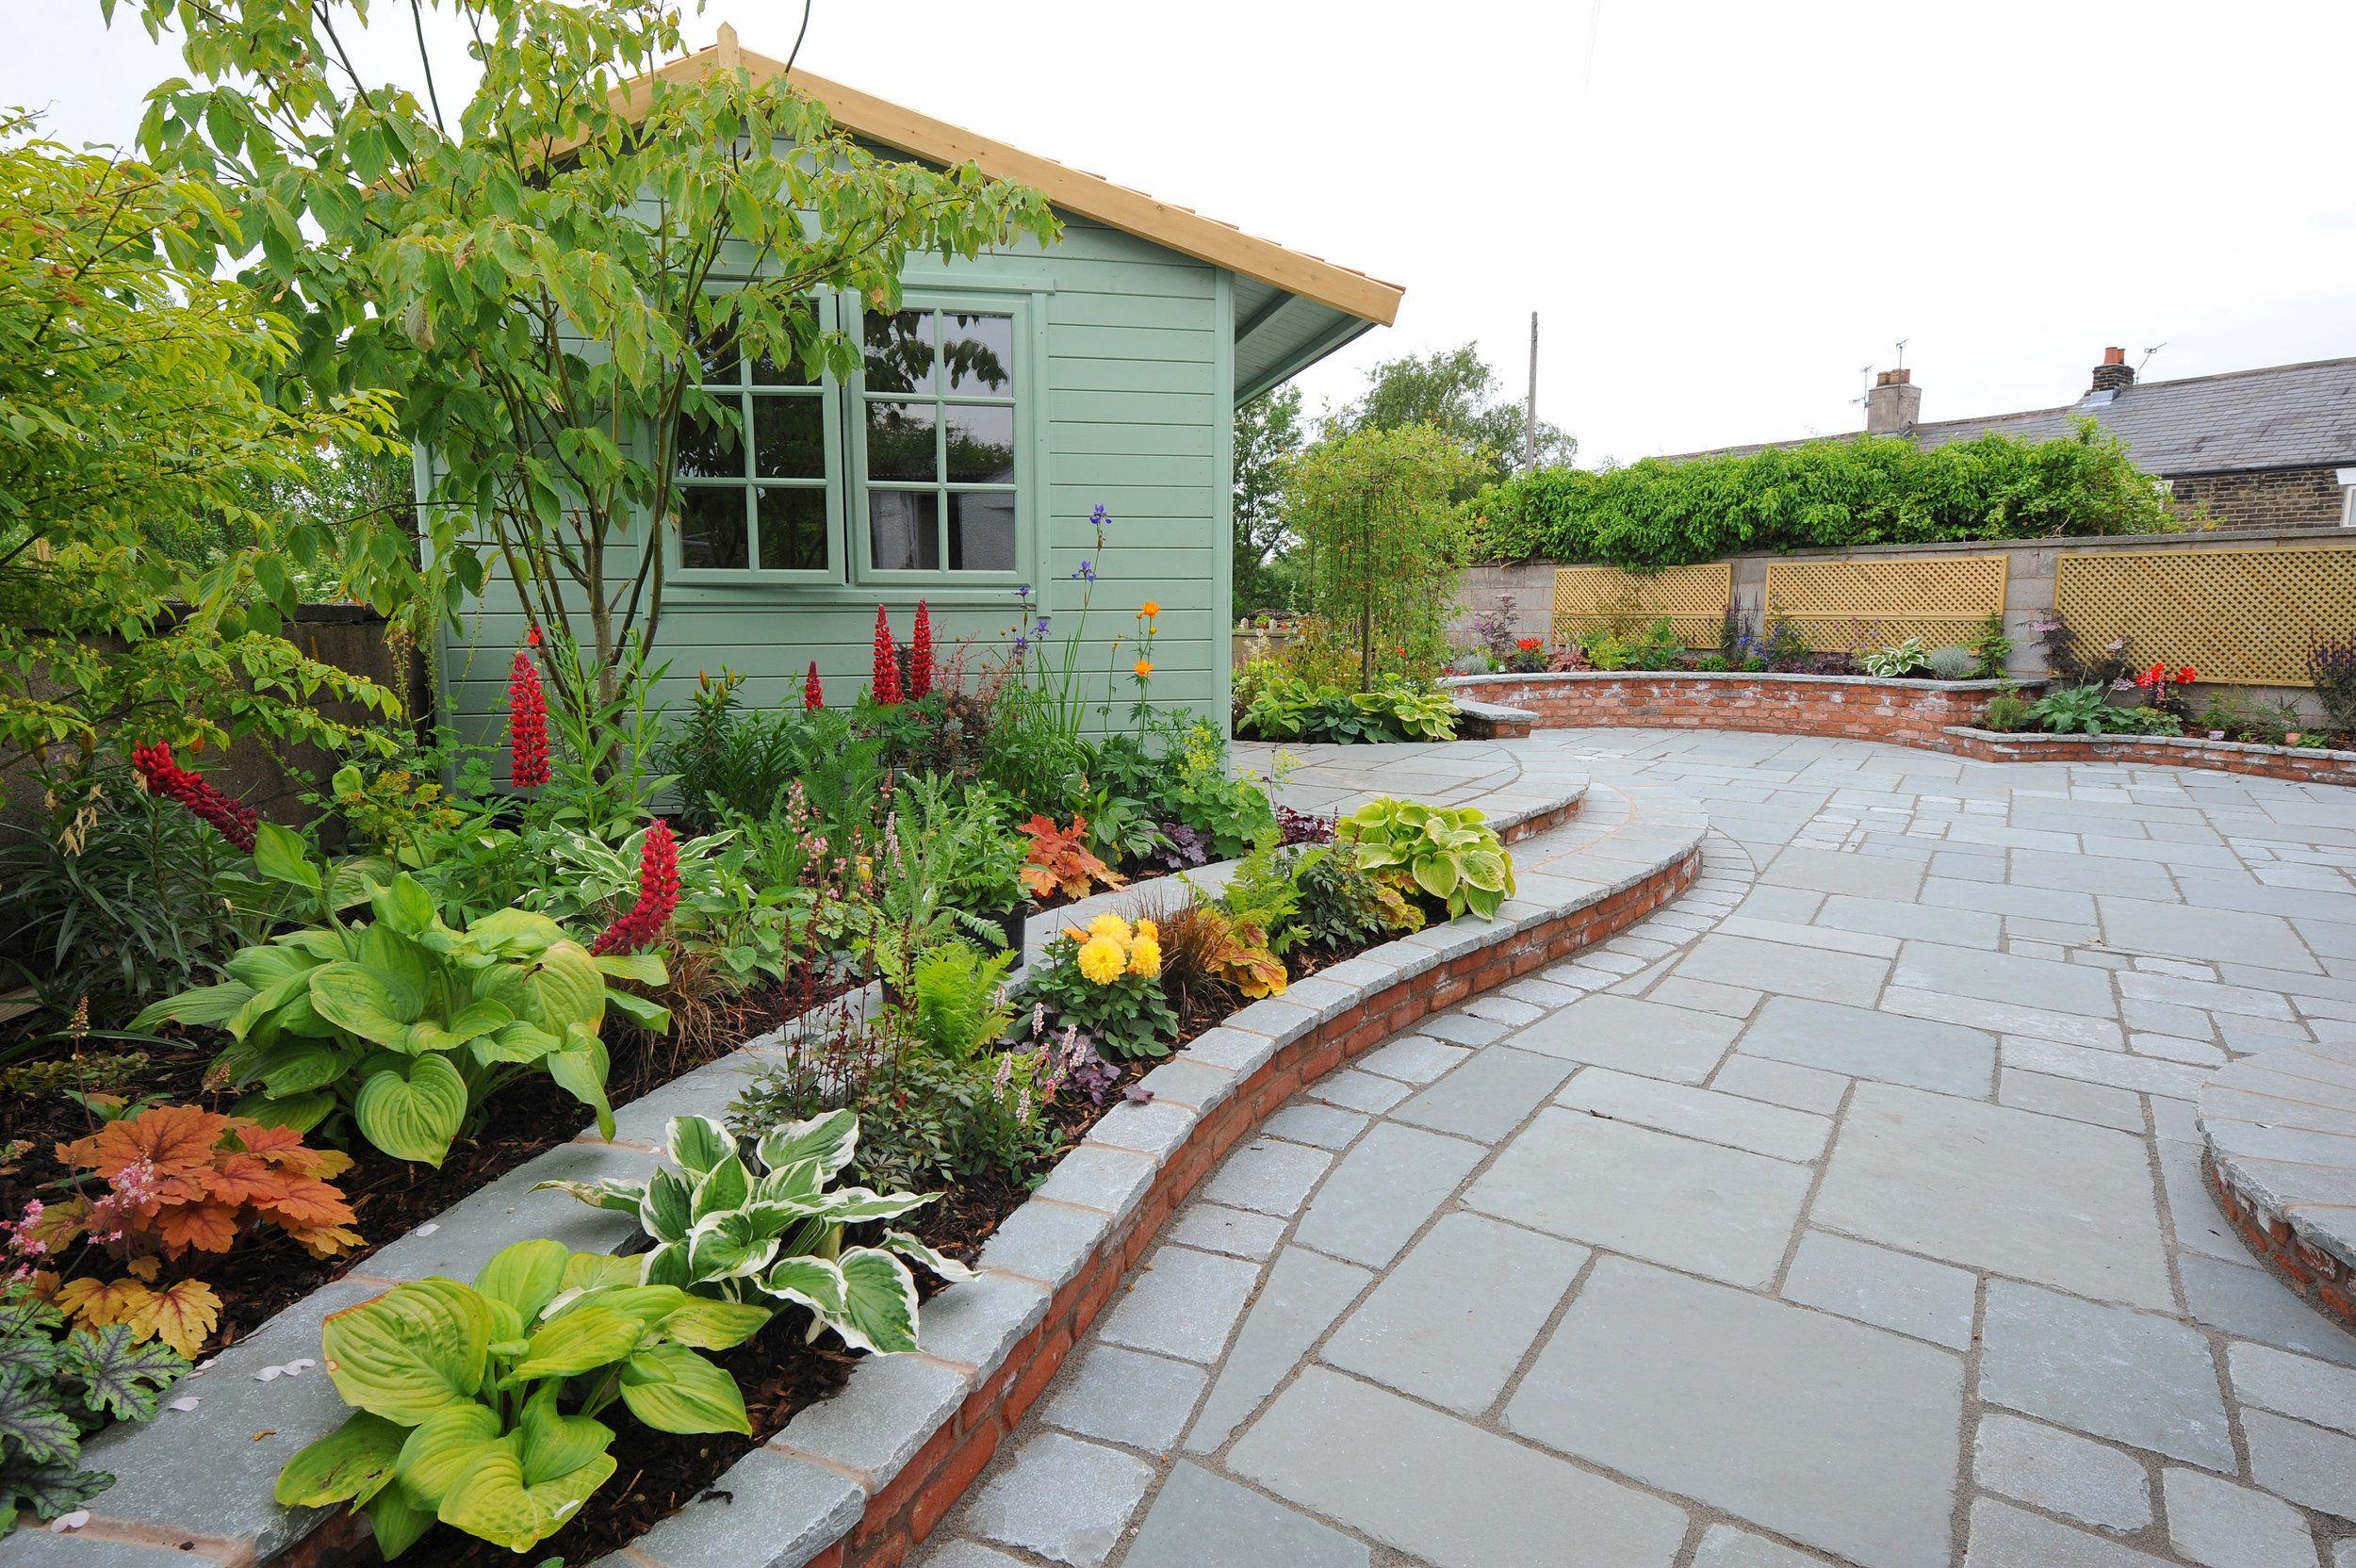 GAR12 - Newburgh, Wigan | Garden design, Design, Garden